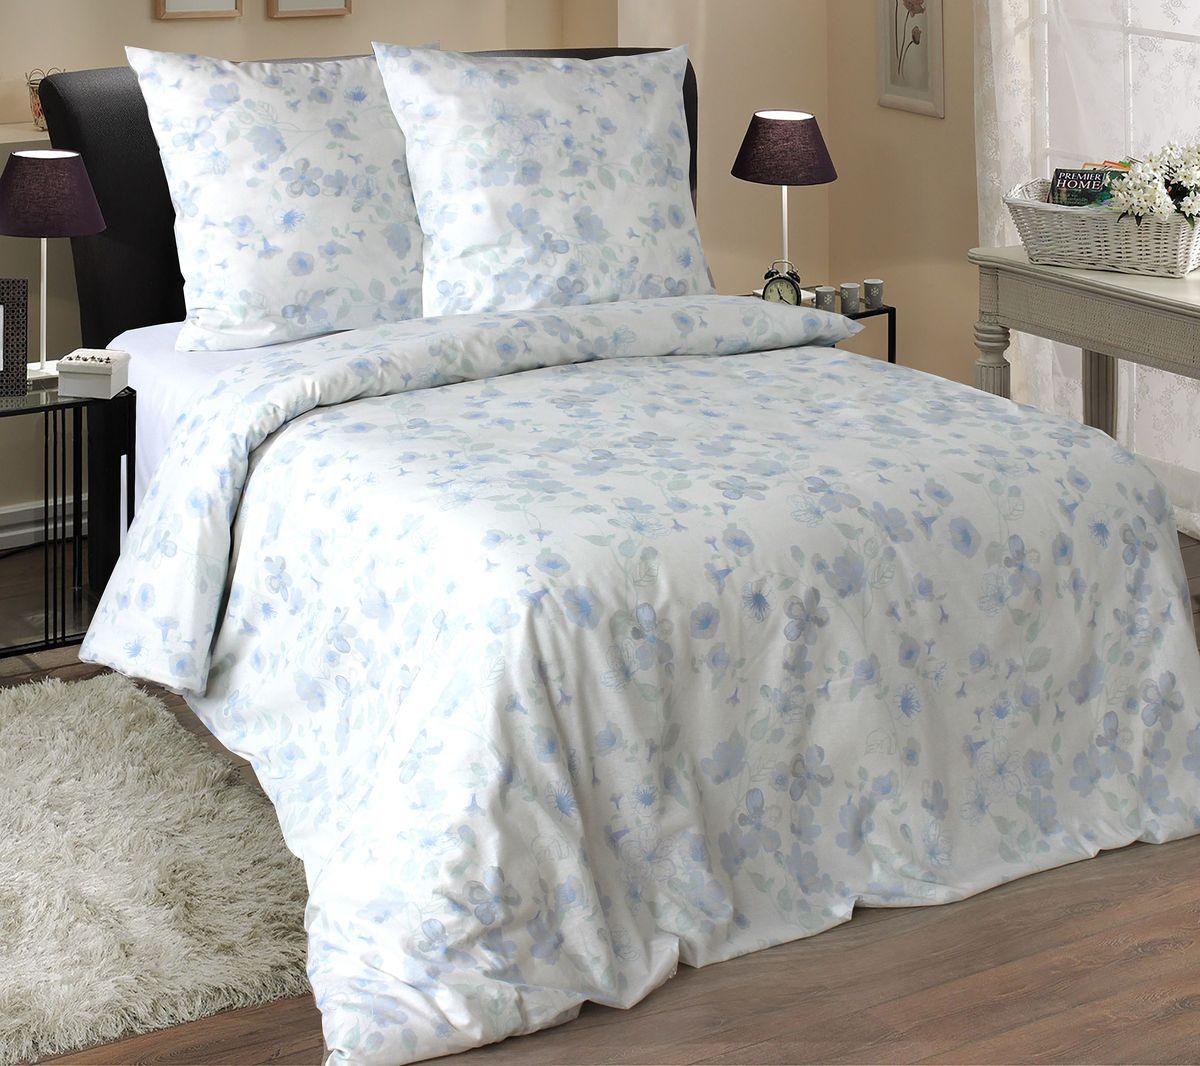 Комплект белья Коллекция Эмили, 2-спальный, цвет: белый, голубой, наволочки 50x70 см10503Комплект постельного белья включает в себя четыре предмета: простыню, пододеяльник и две наволочки, выполненные из поплина.Размер пододеяльника: 175 x 210 см.Размер простыни: 180 x 215 см.Размер наволочек: 50 x 70 см.